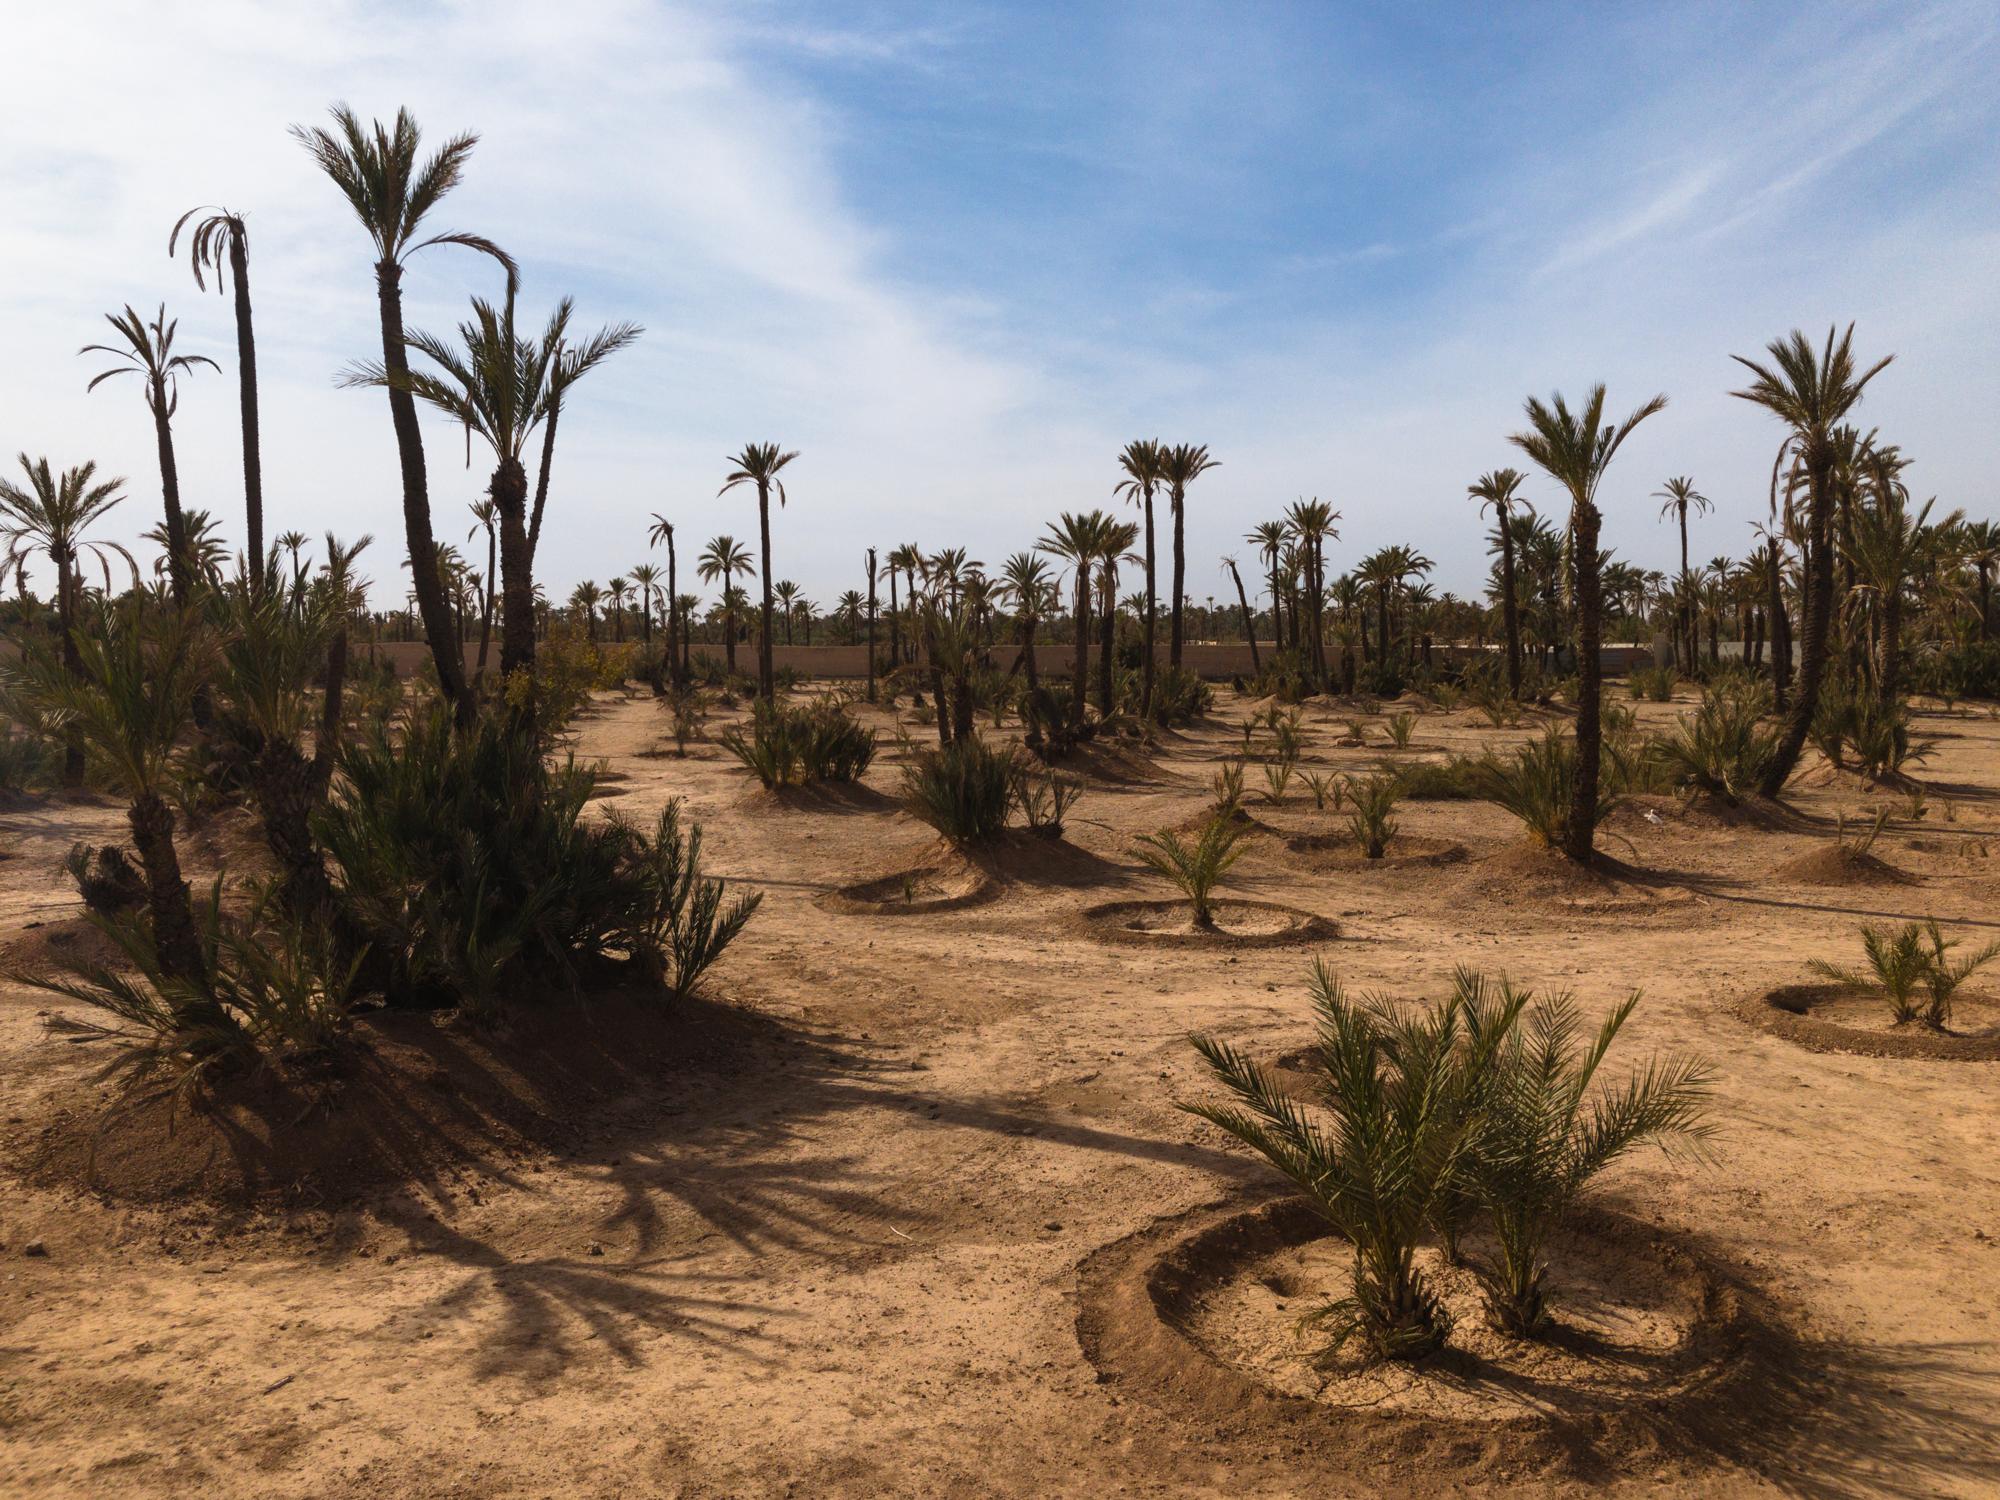 Marrakech_iPhone8+_Photos - Blog_Photos-44.jpg